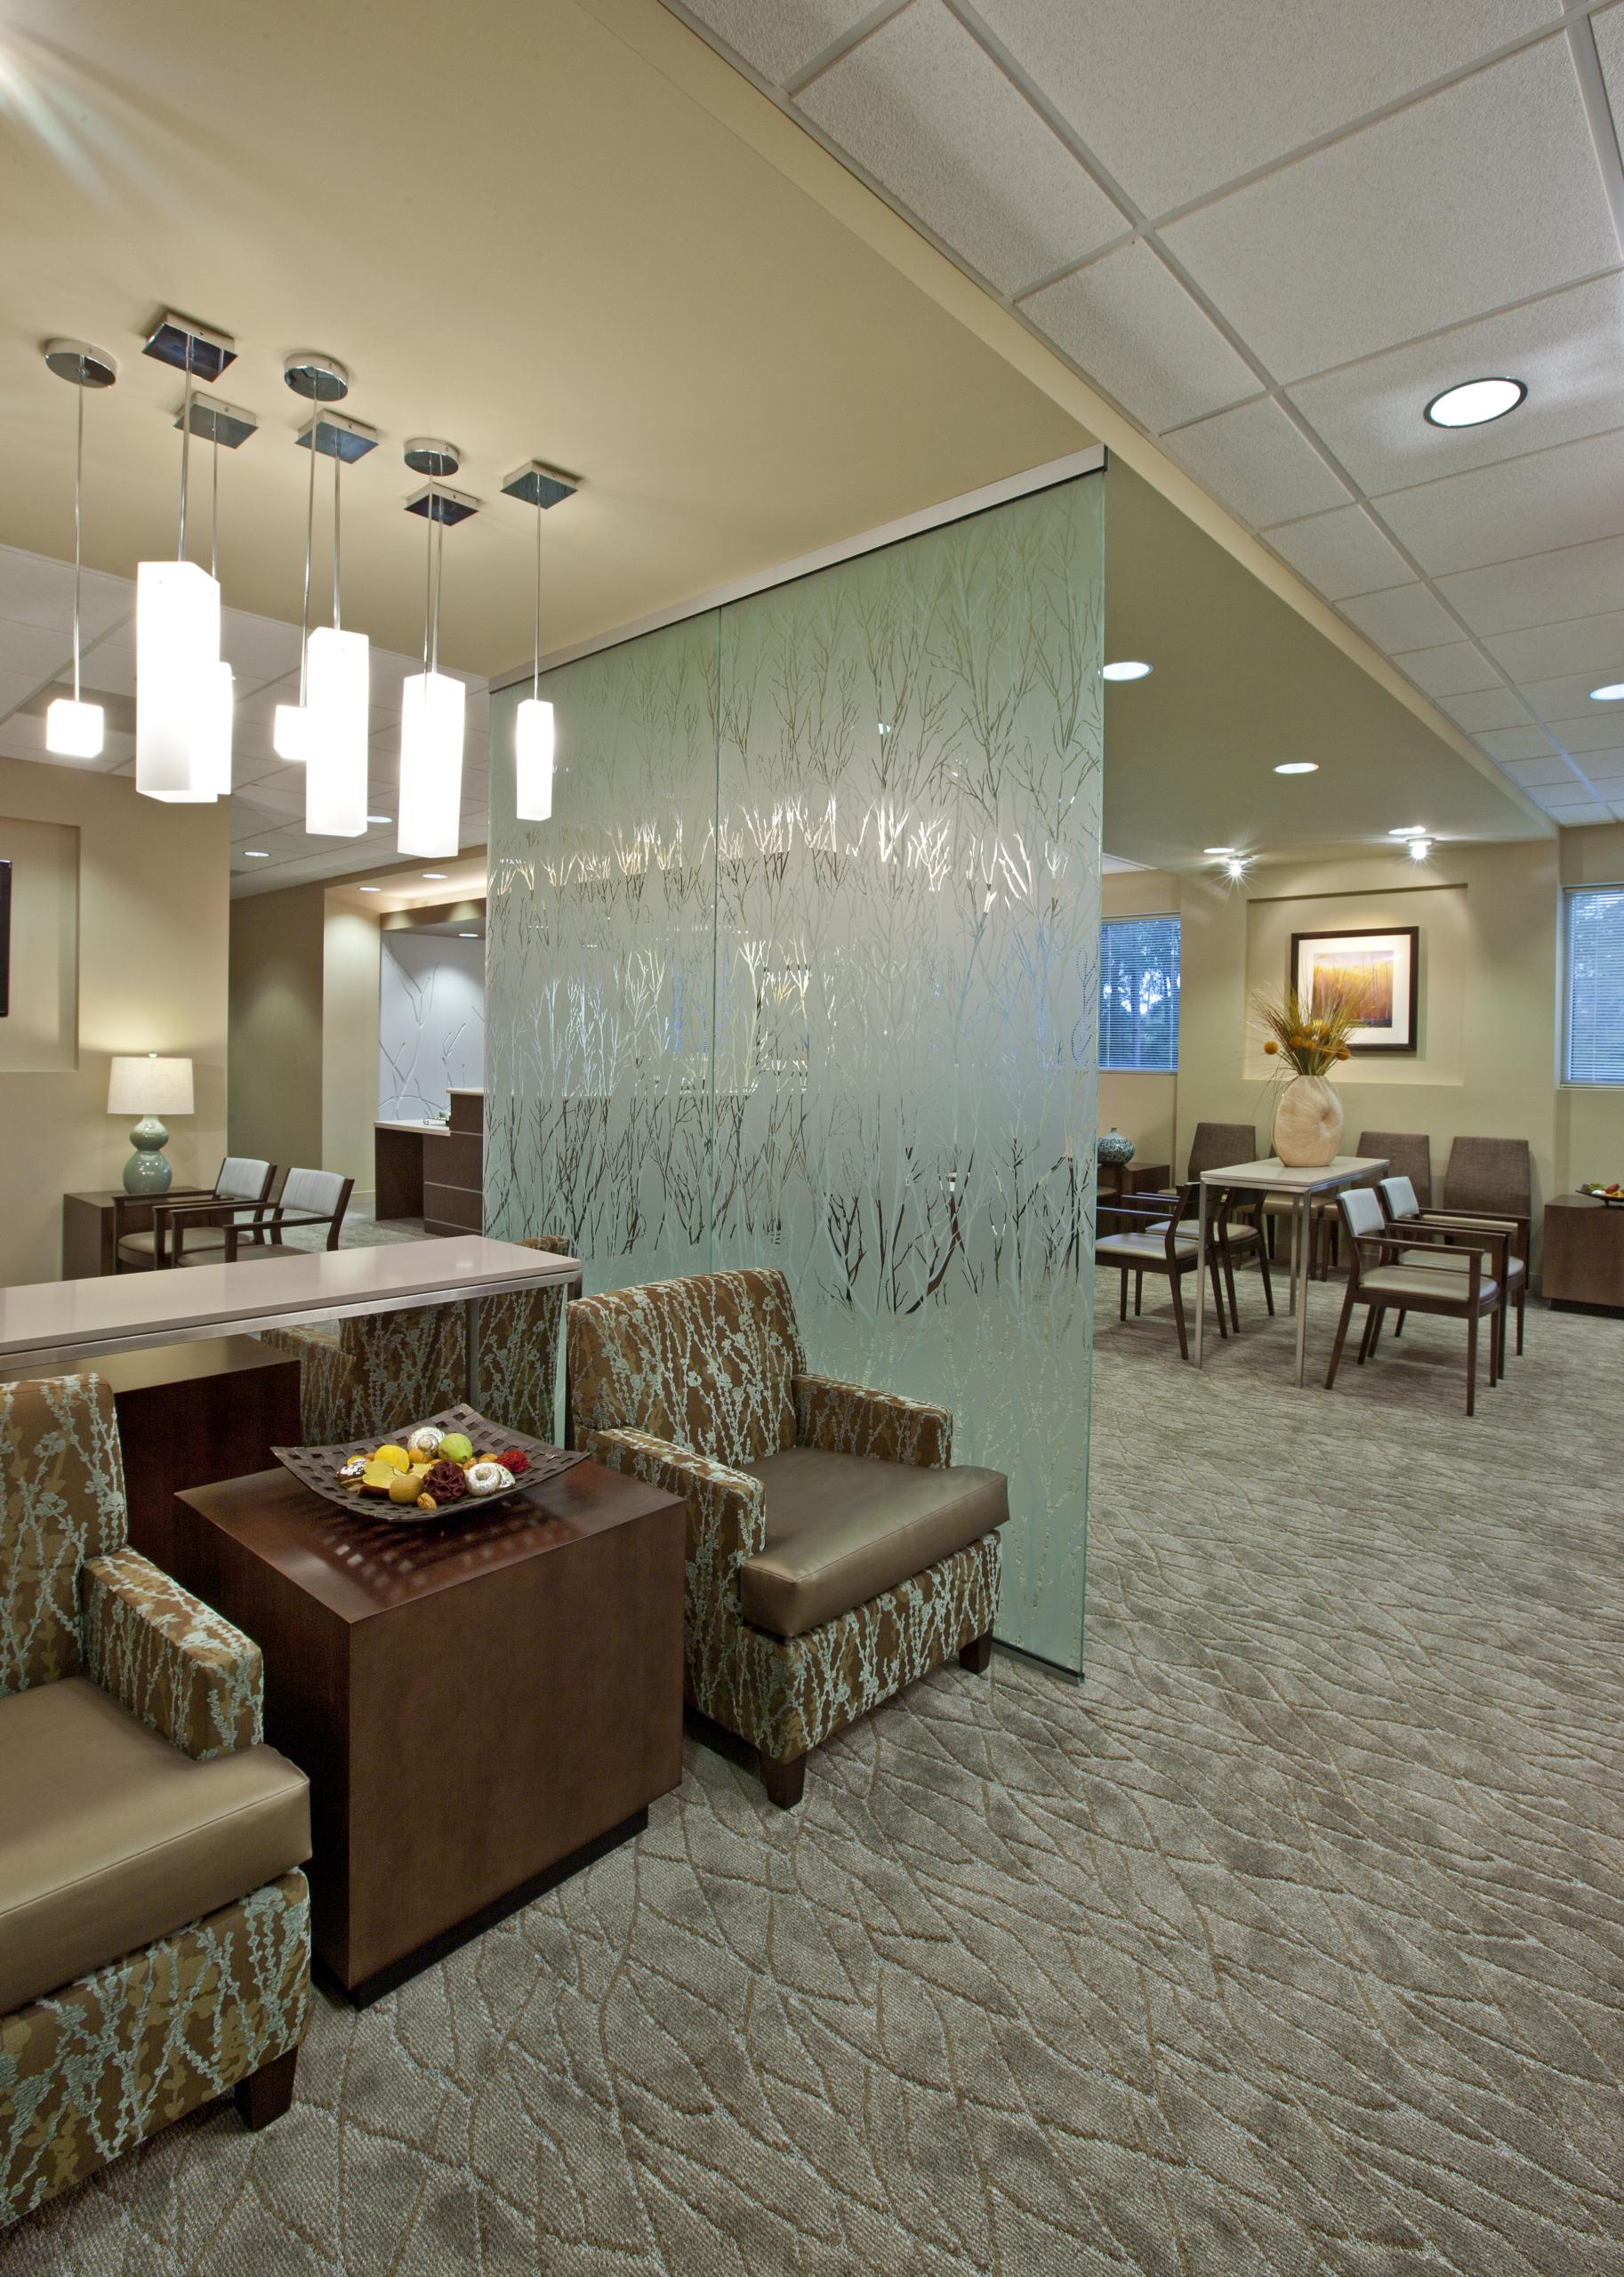 Sleep Center Lobby